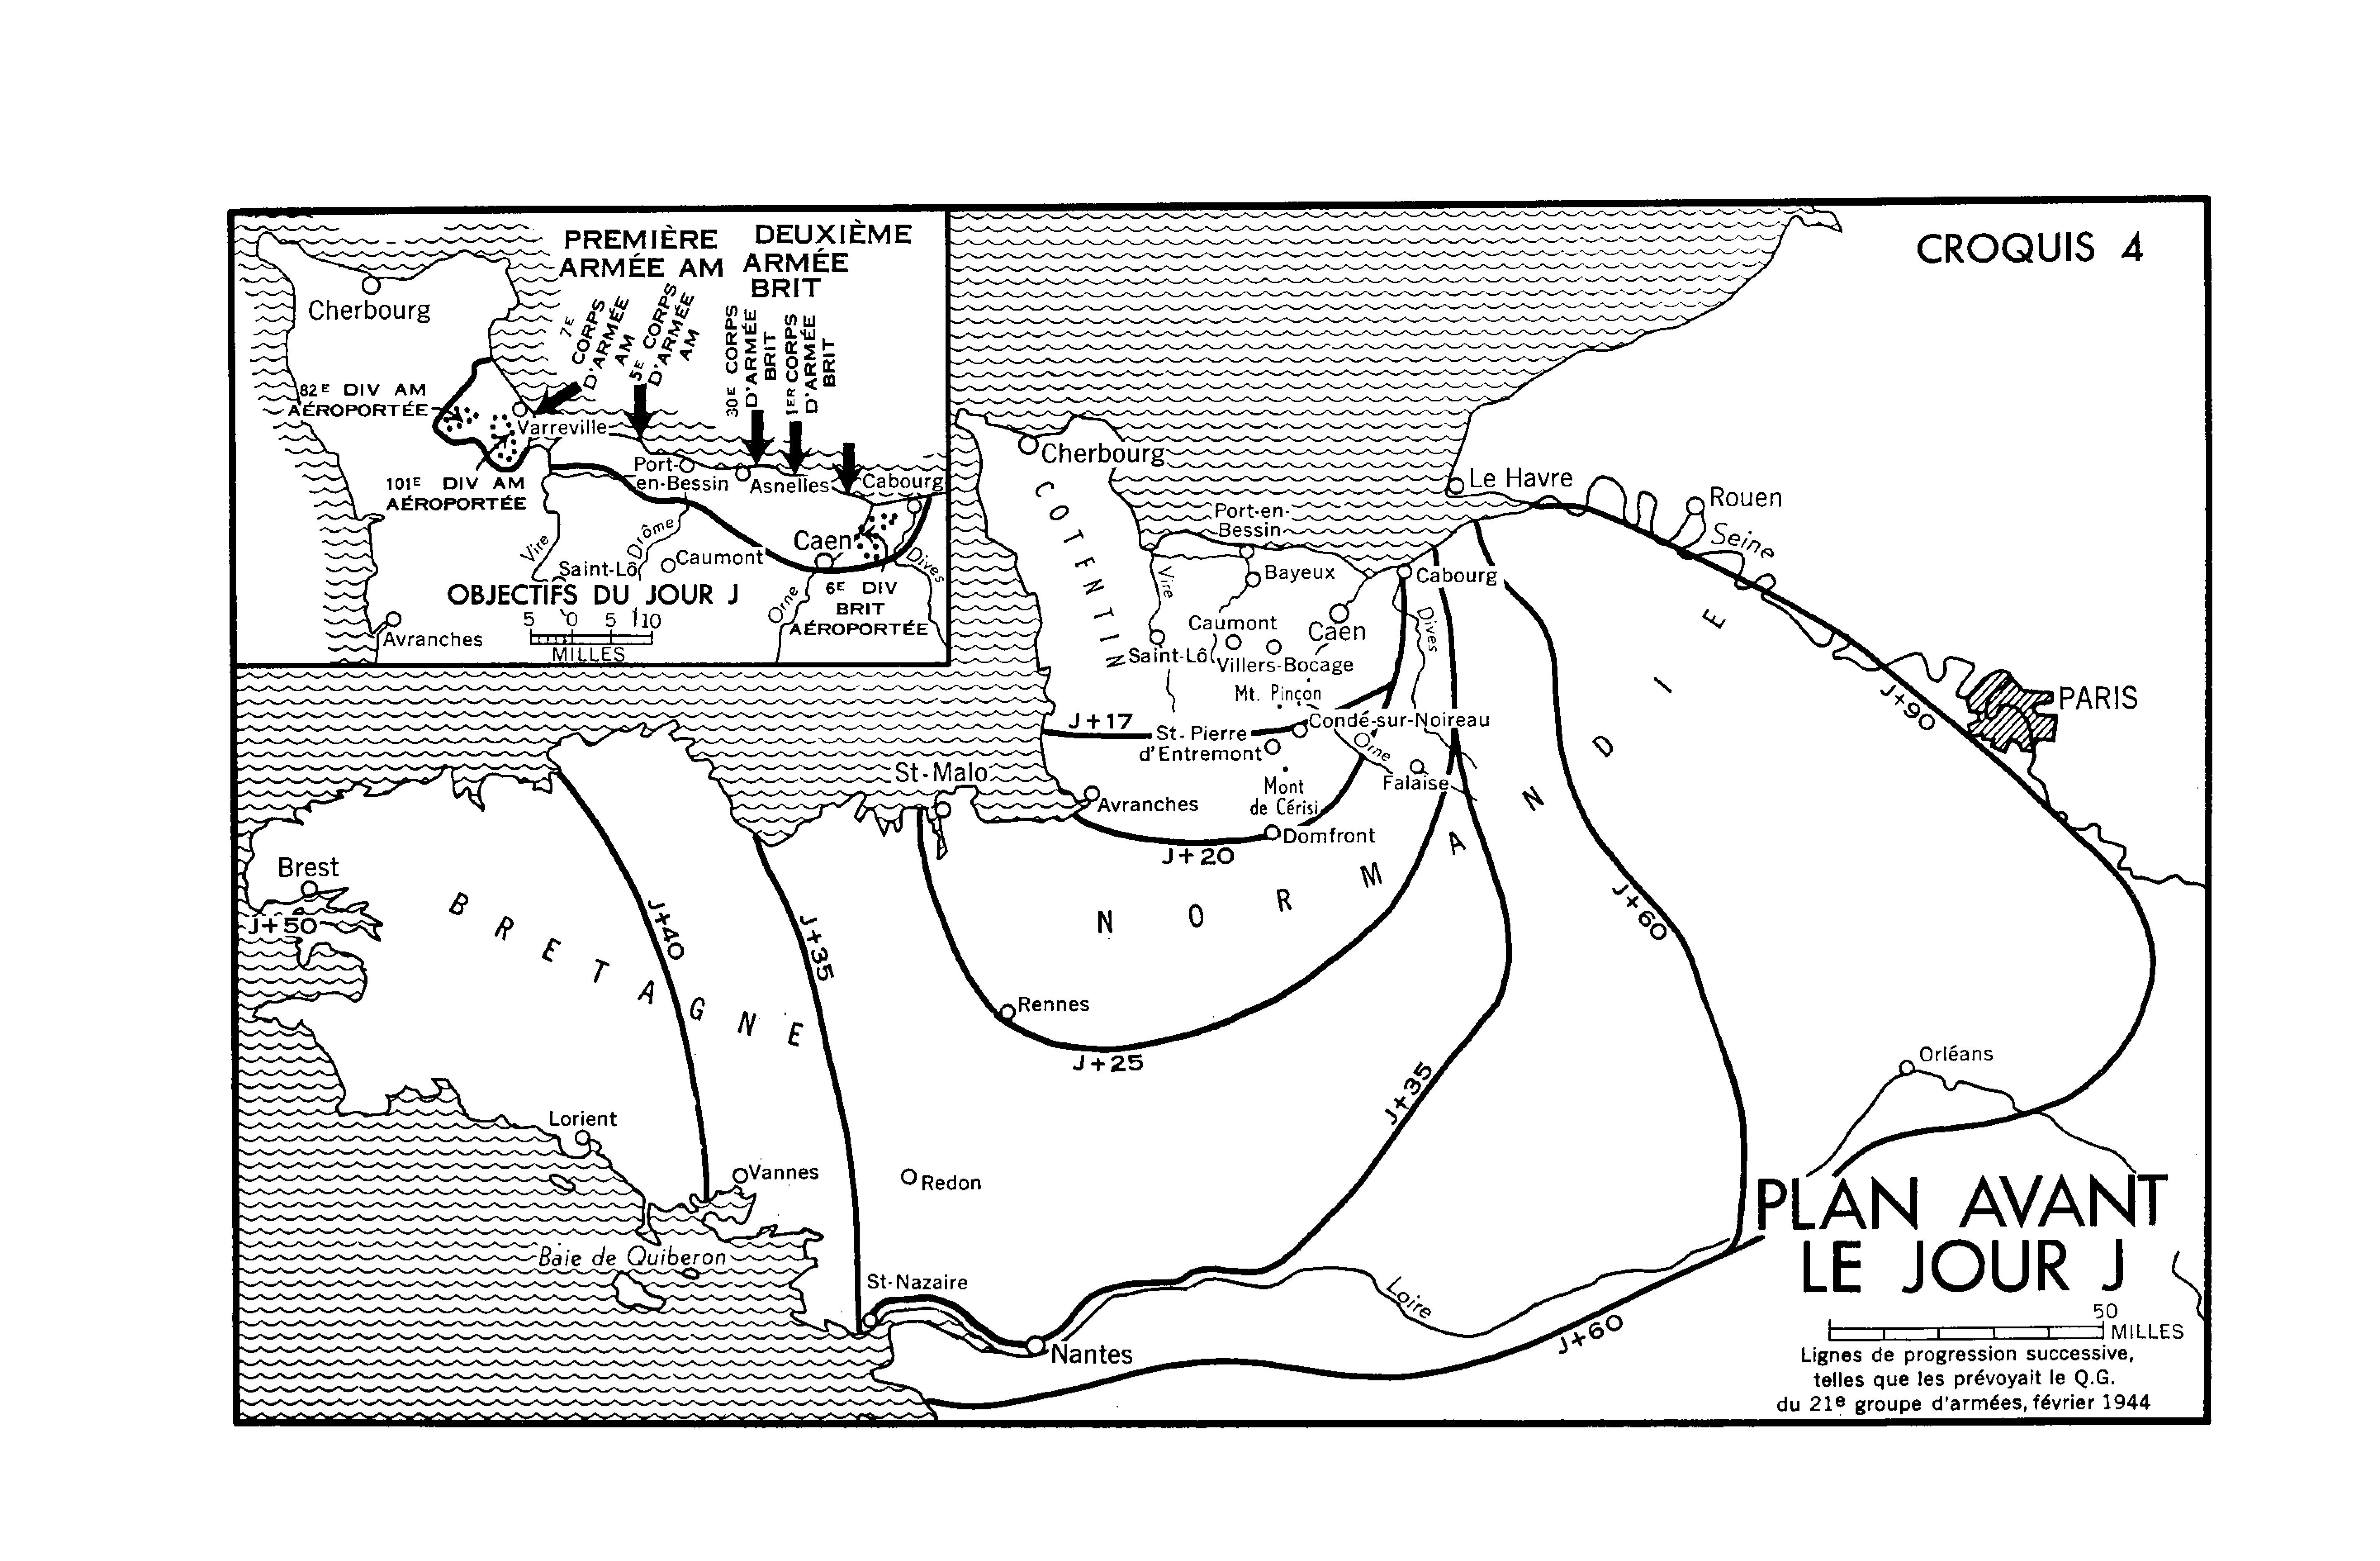 Une carte en noir et blanc. Plan Avant le Jour J.